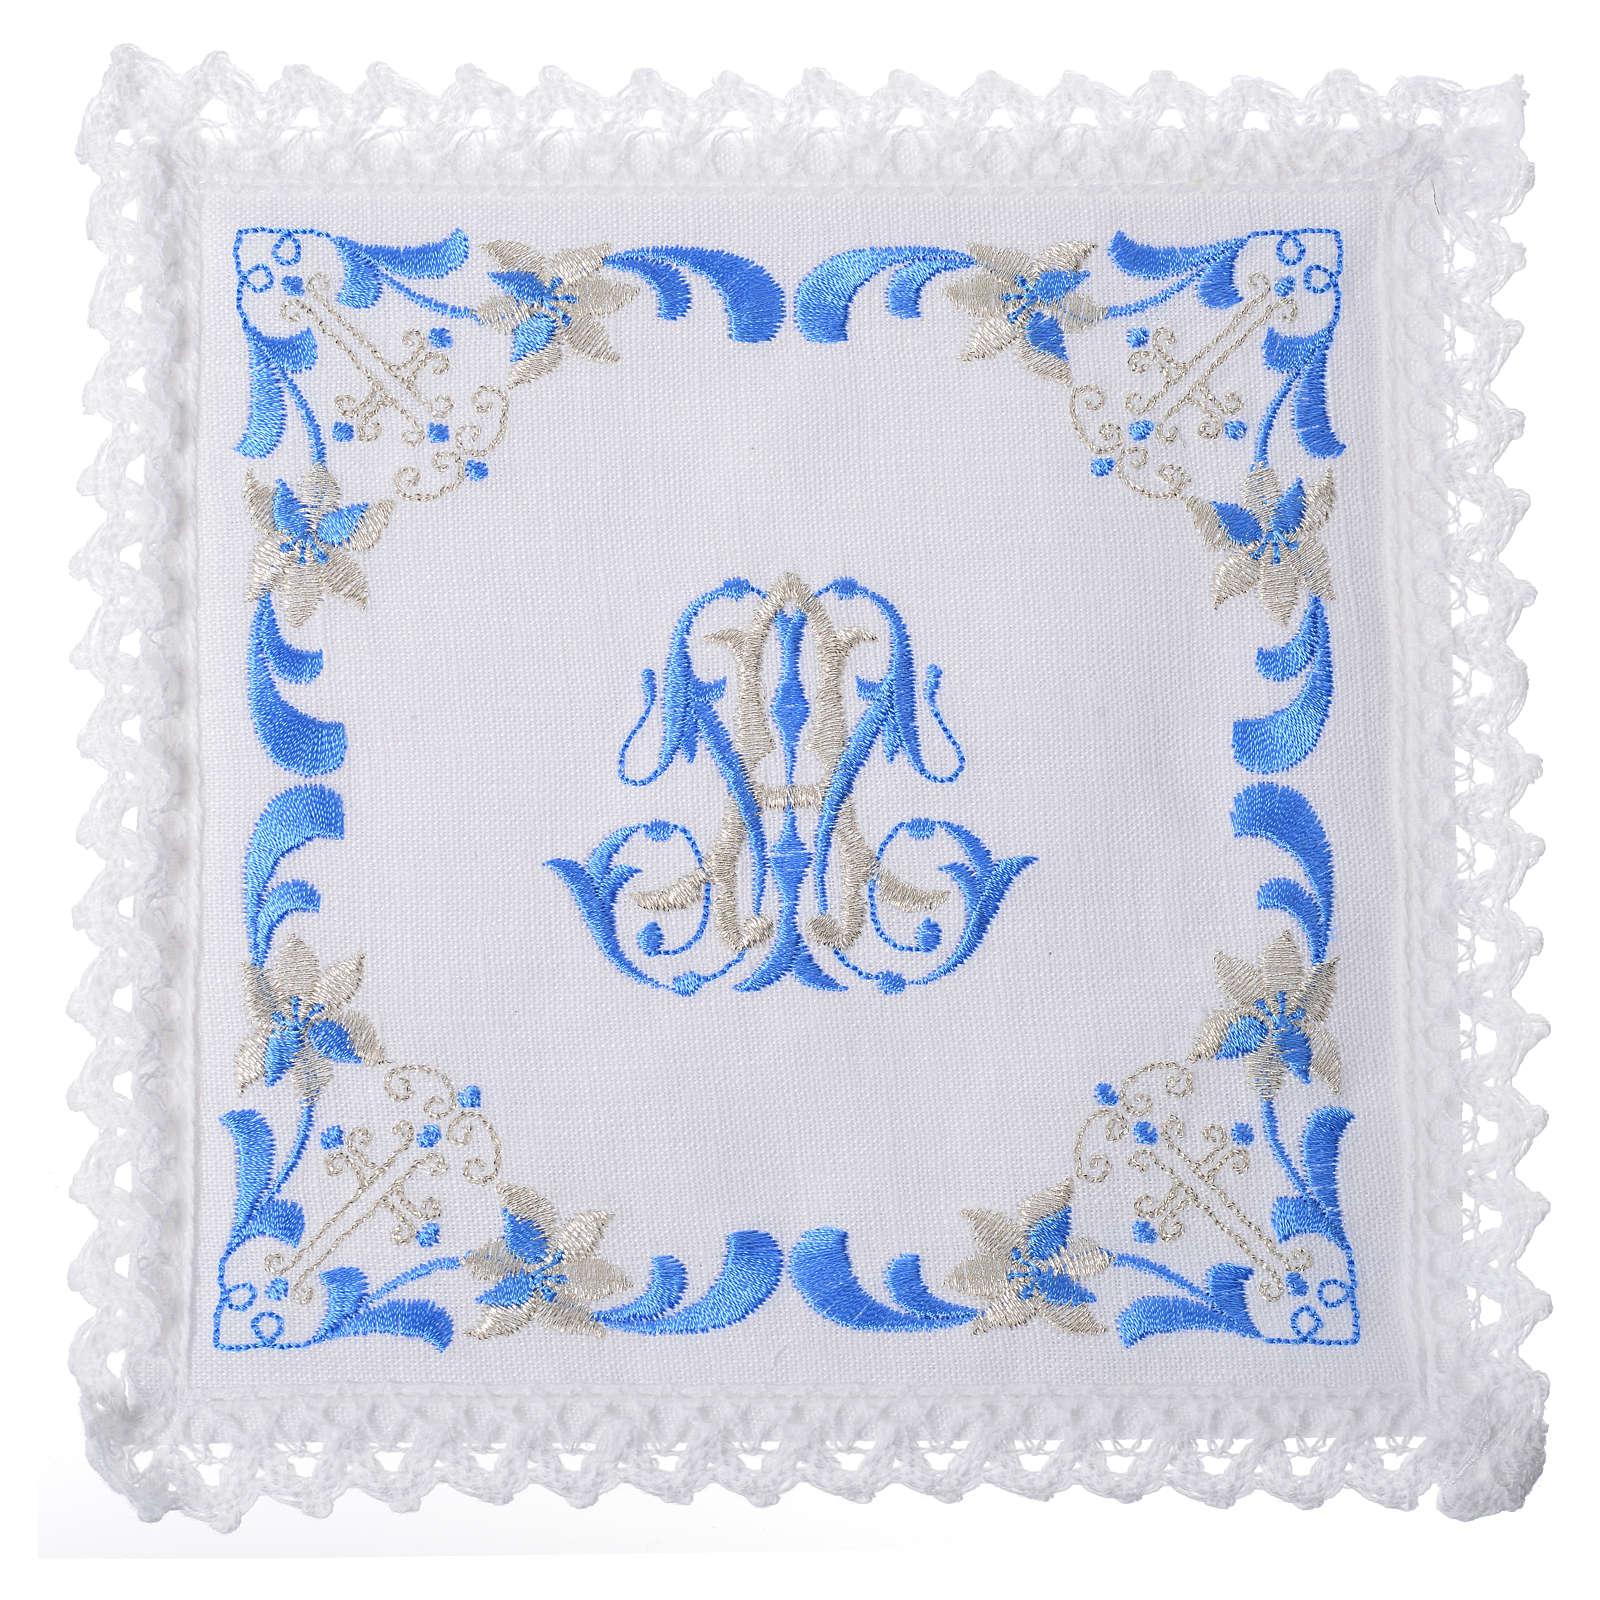 Servizio da altare 100% lino con simbolo mariano 4